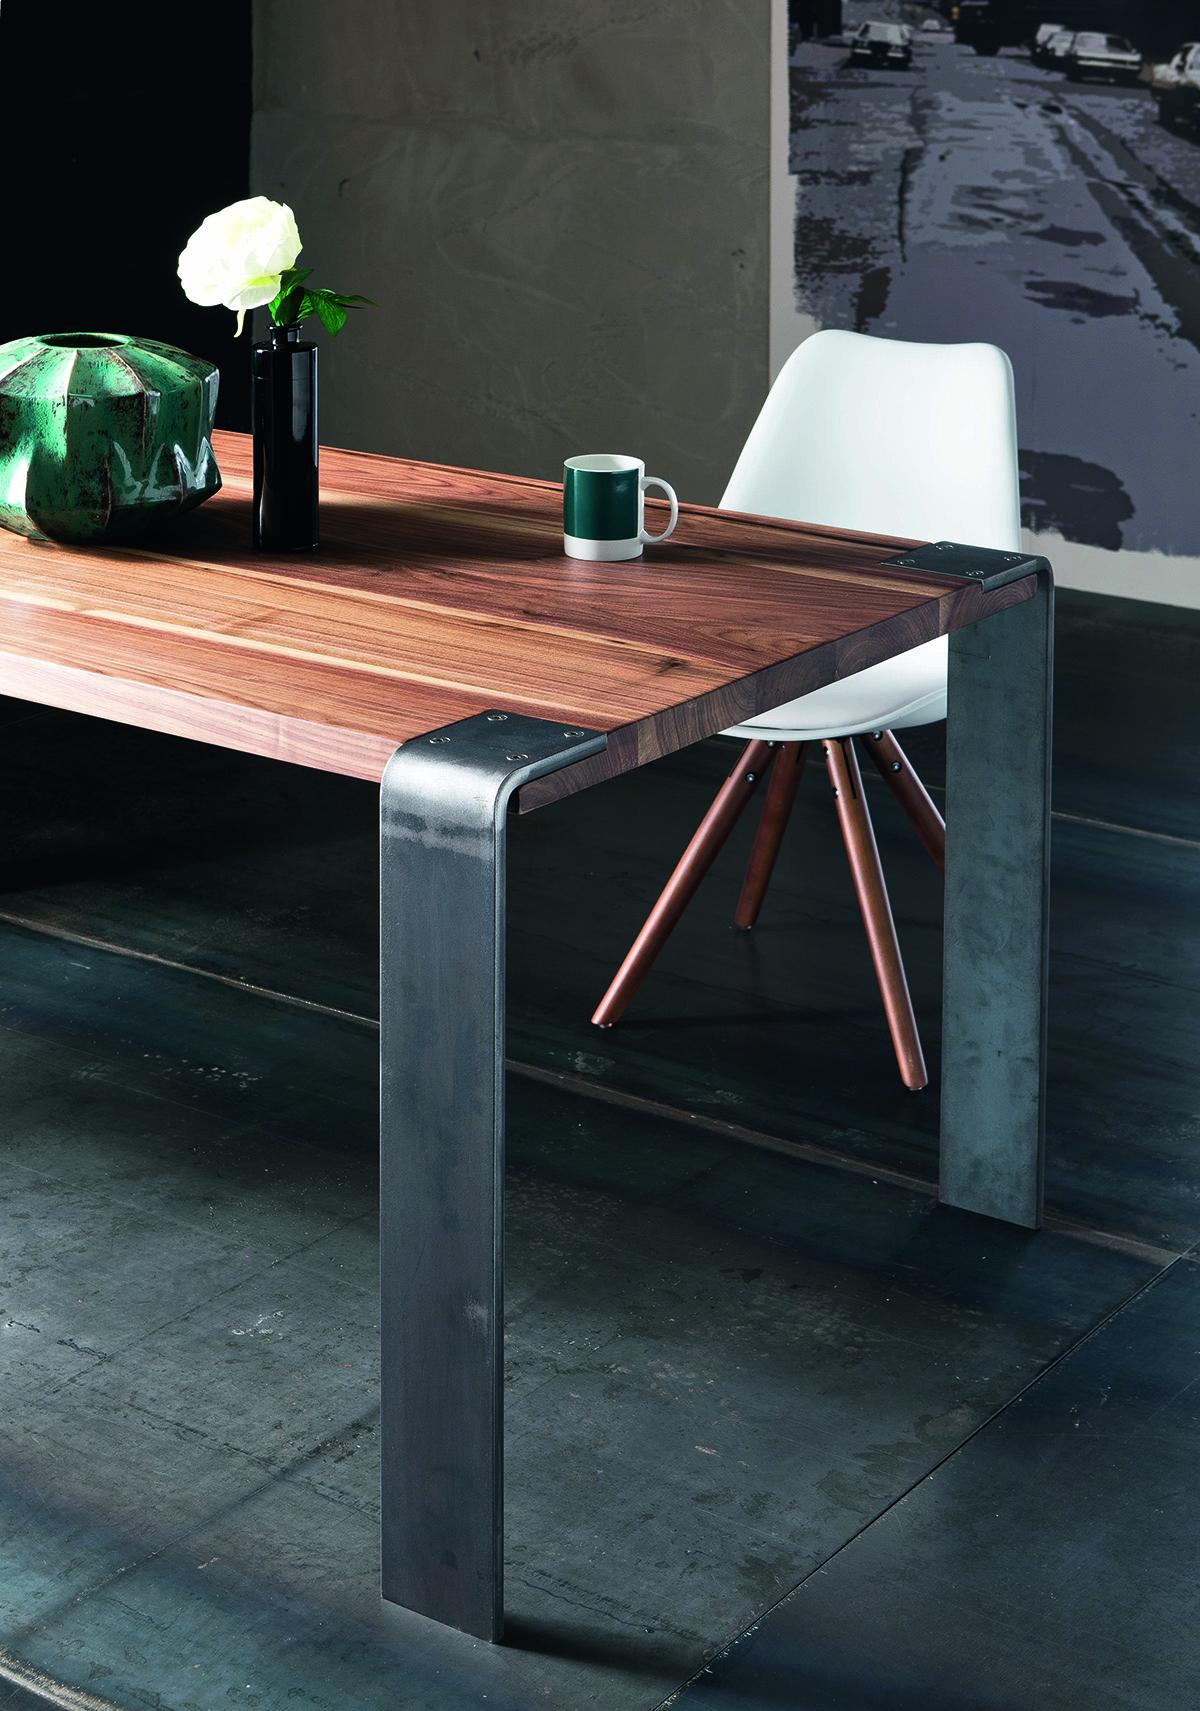 Table haut de gamme avec pied en angle en acier